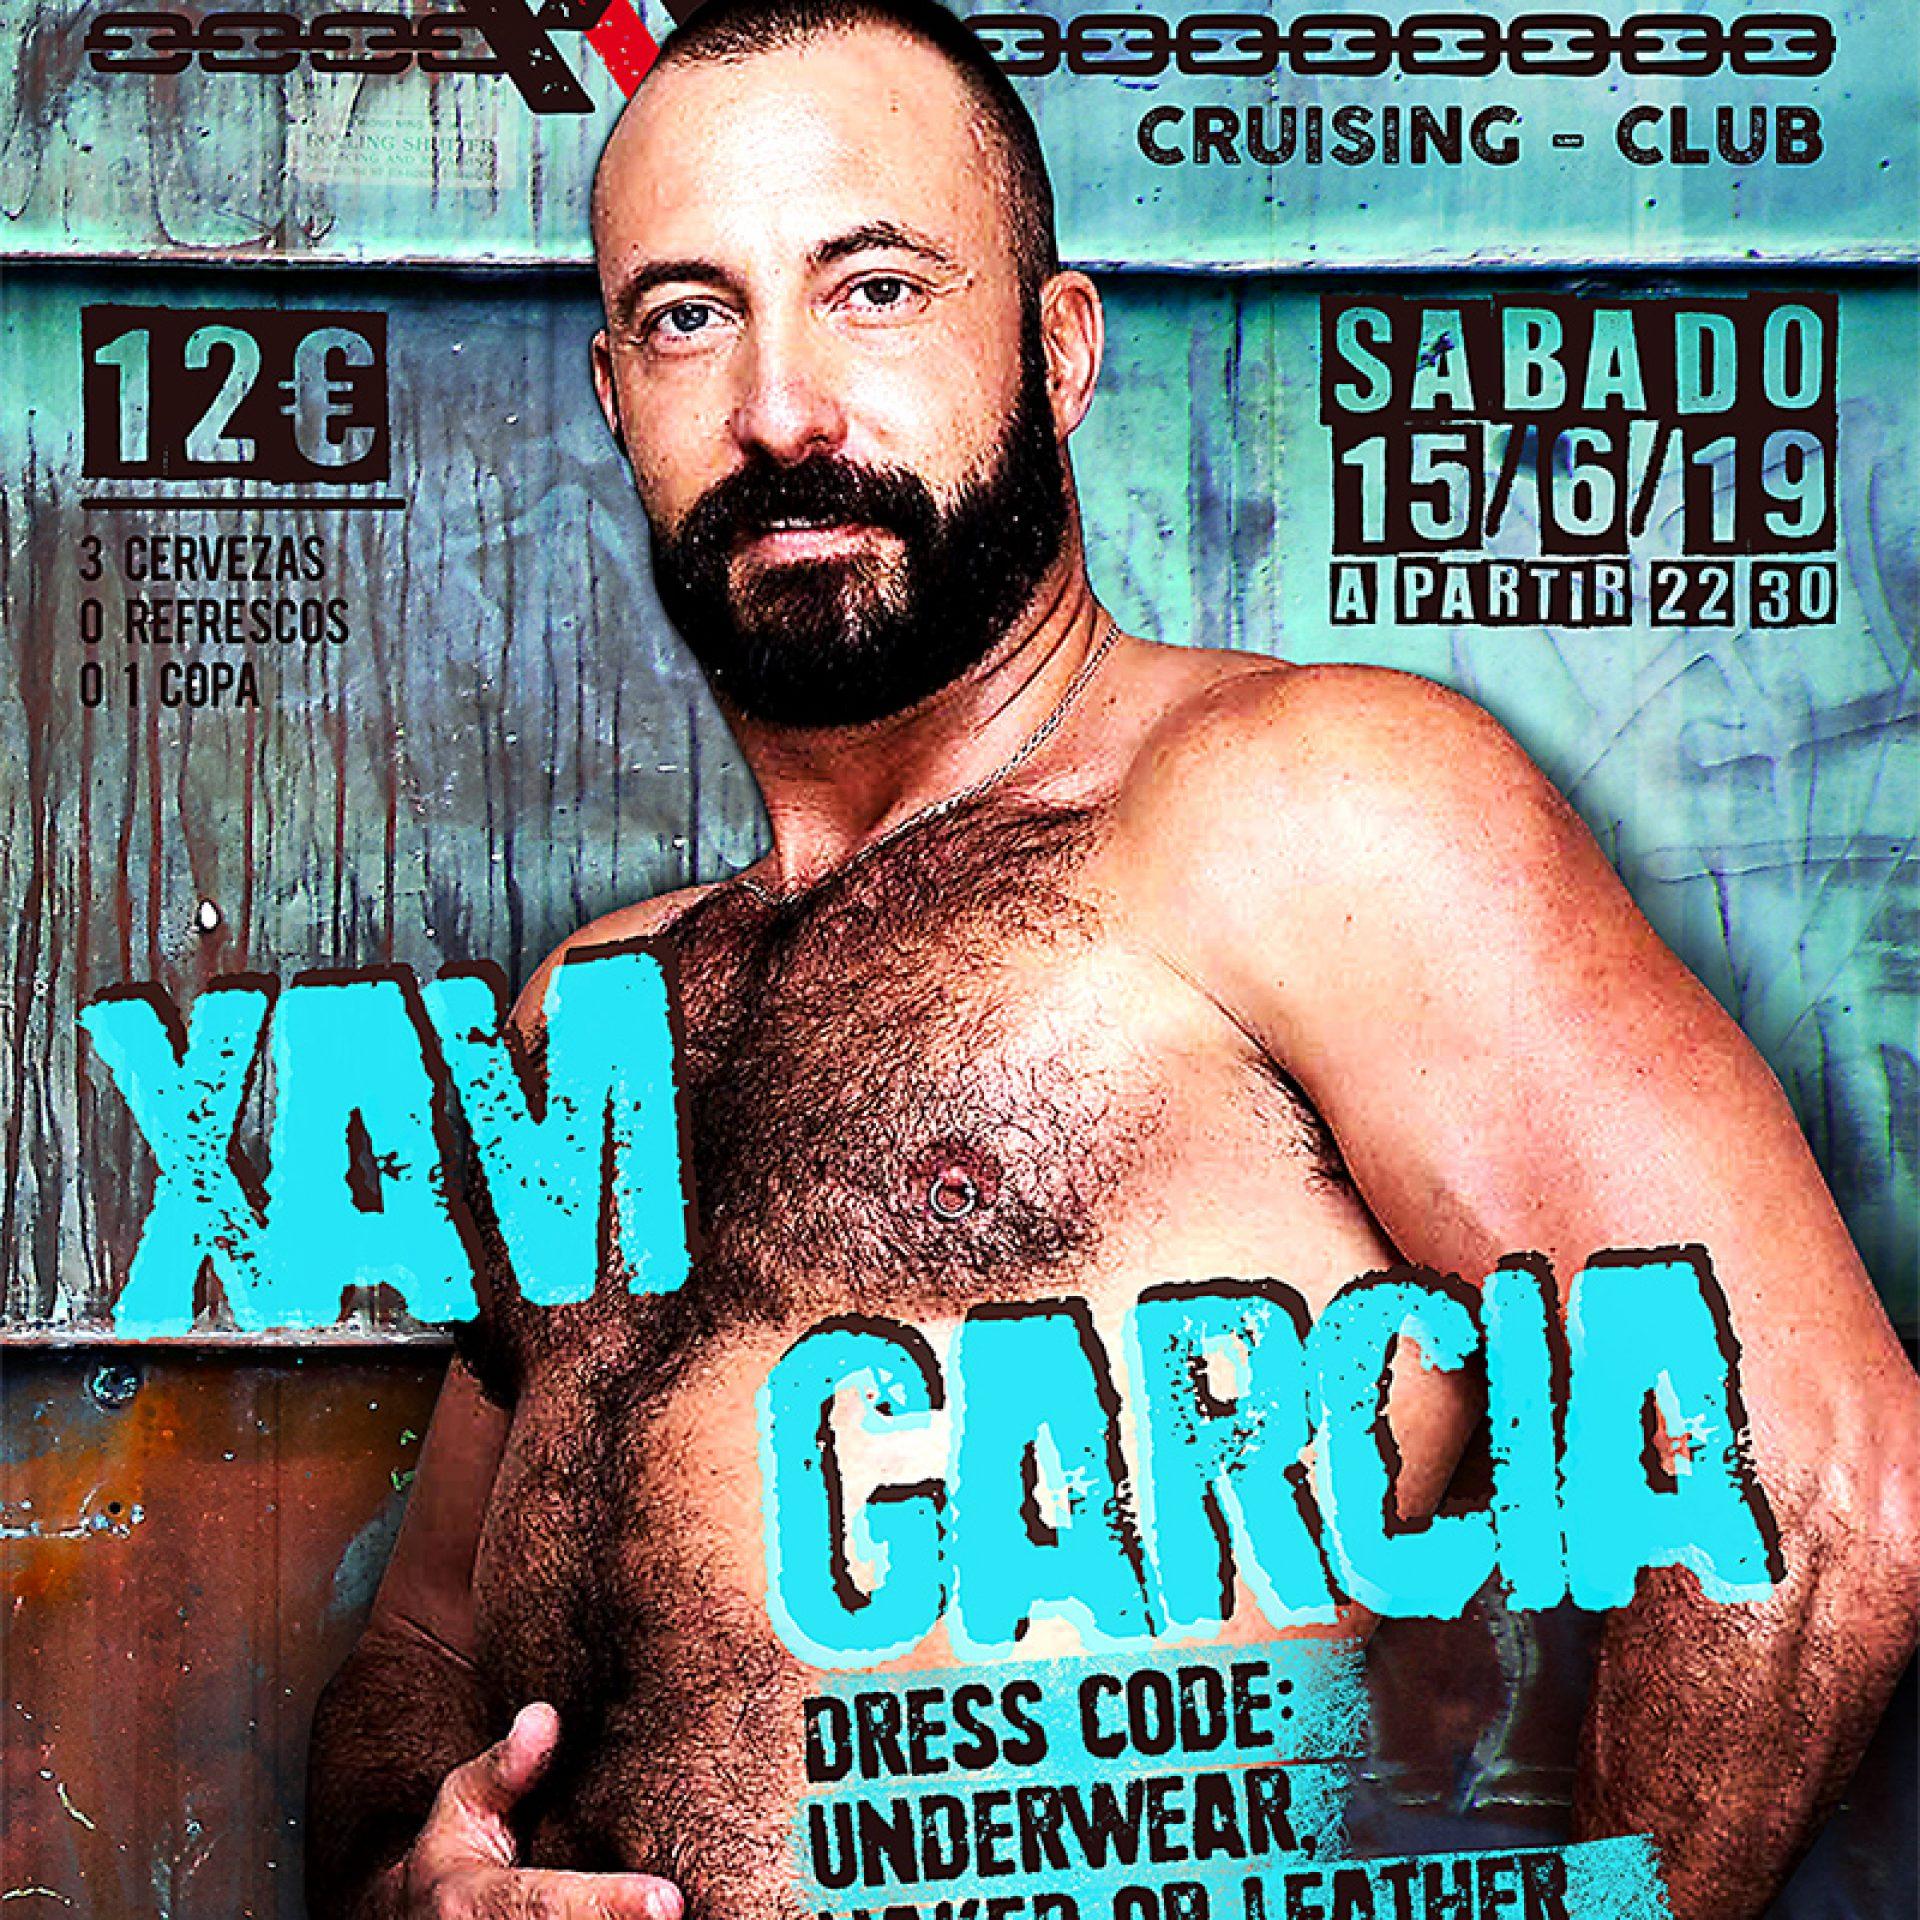 15 junio Xavi García el 15 de juio en EXXXTREME